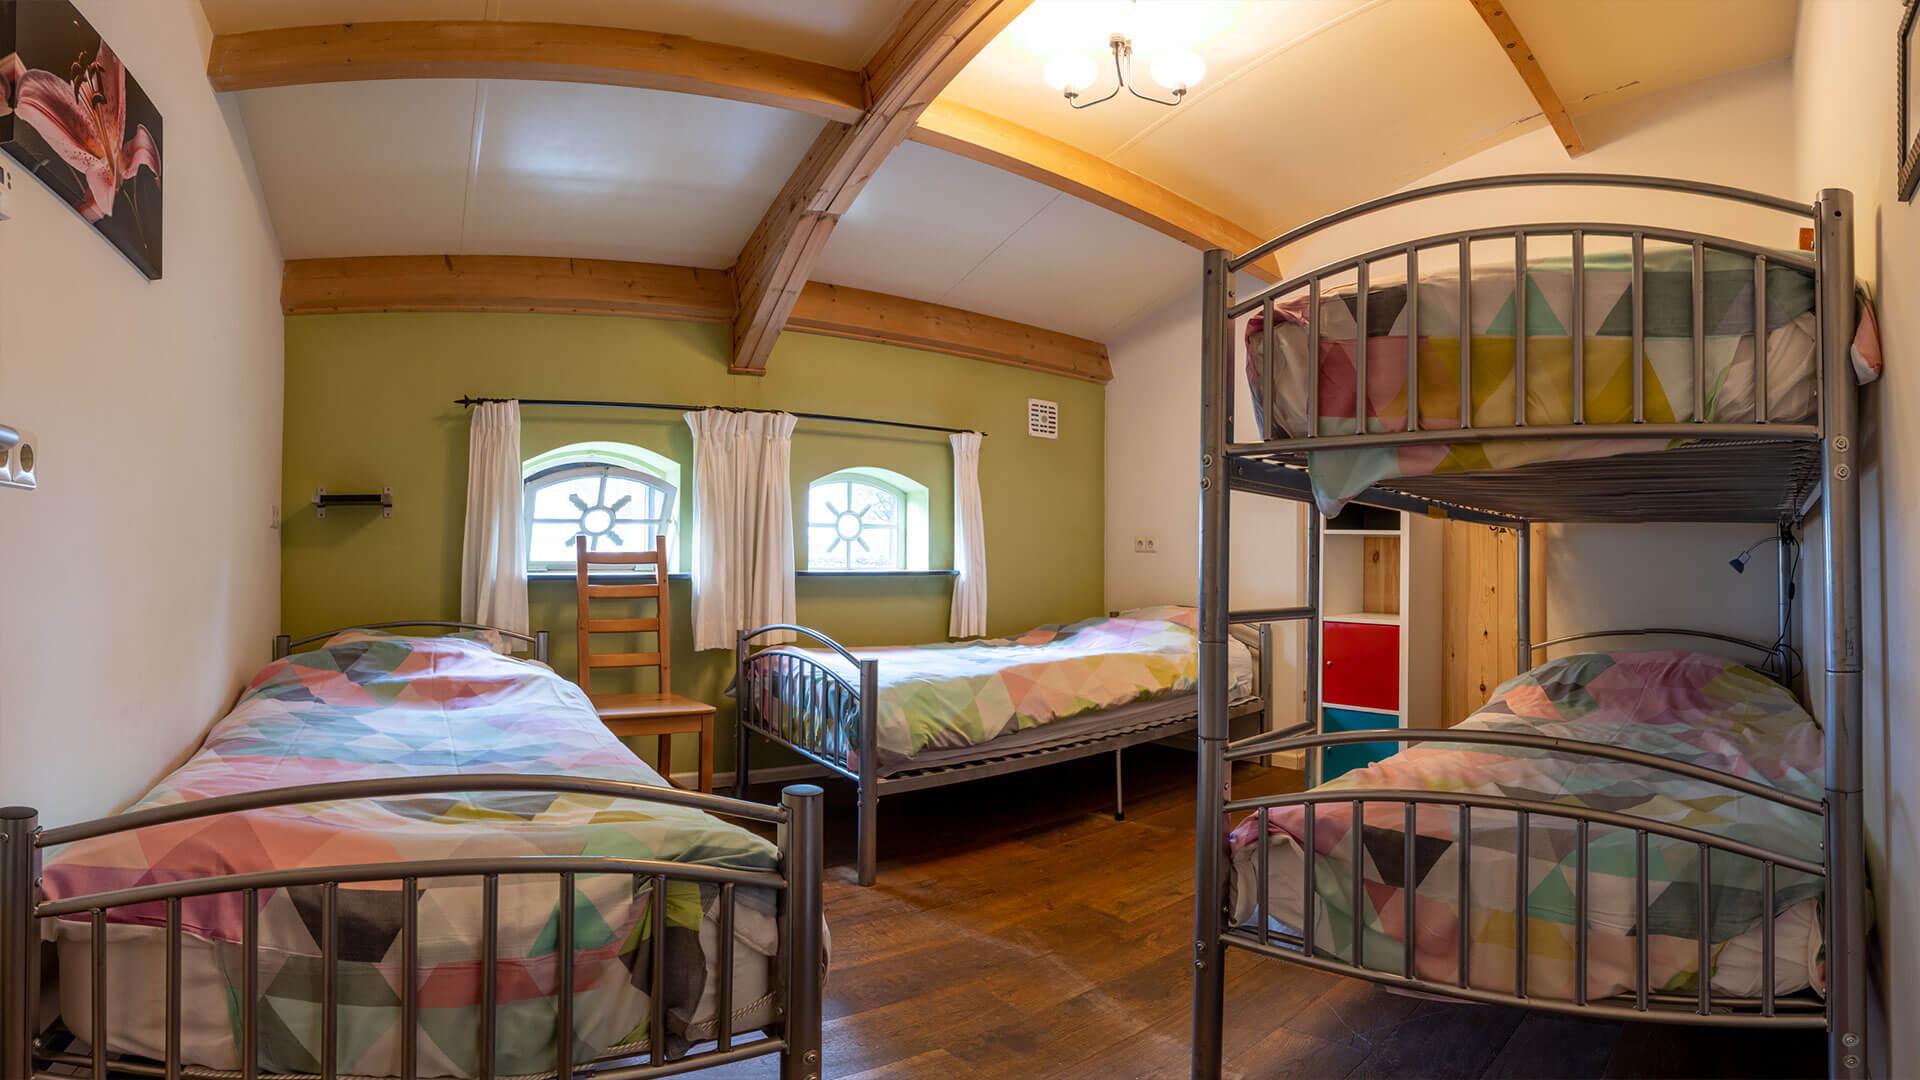 grote slaapkamer met 2 bedden en stapelbed